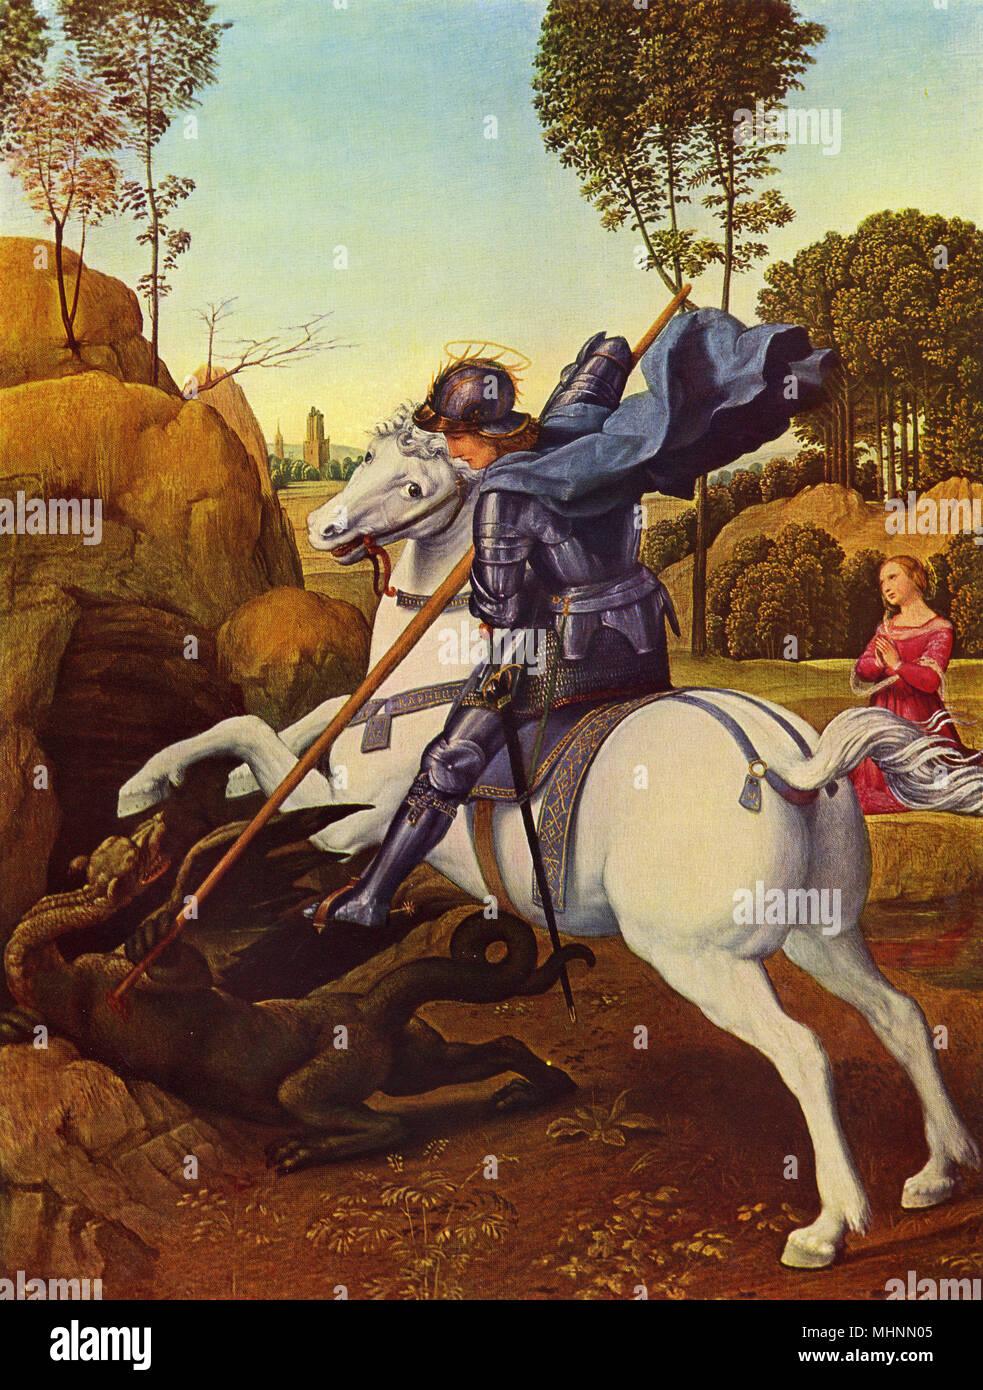 San Giorgio e il drago, da Raffaello, circa 1506, pittura rinascimentale italiana, olio su pannello. George è stato santo patrono dell'Inghilterra. Raphael è stato incaricato di creare questo come un dono per l inviato del Tudor re Enrico VII. Data: circa 1506 Immagini Stock